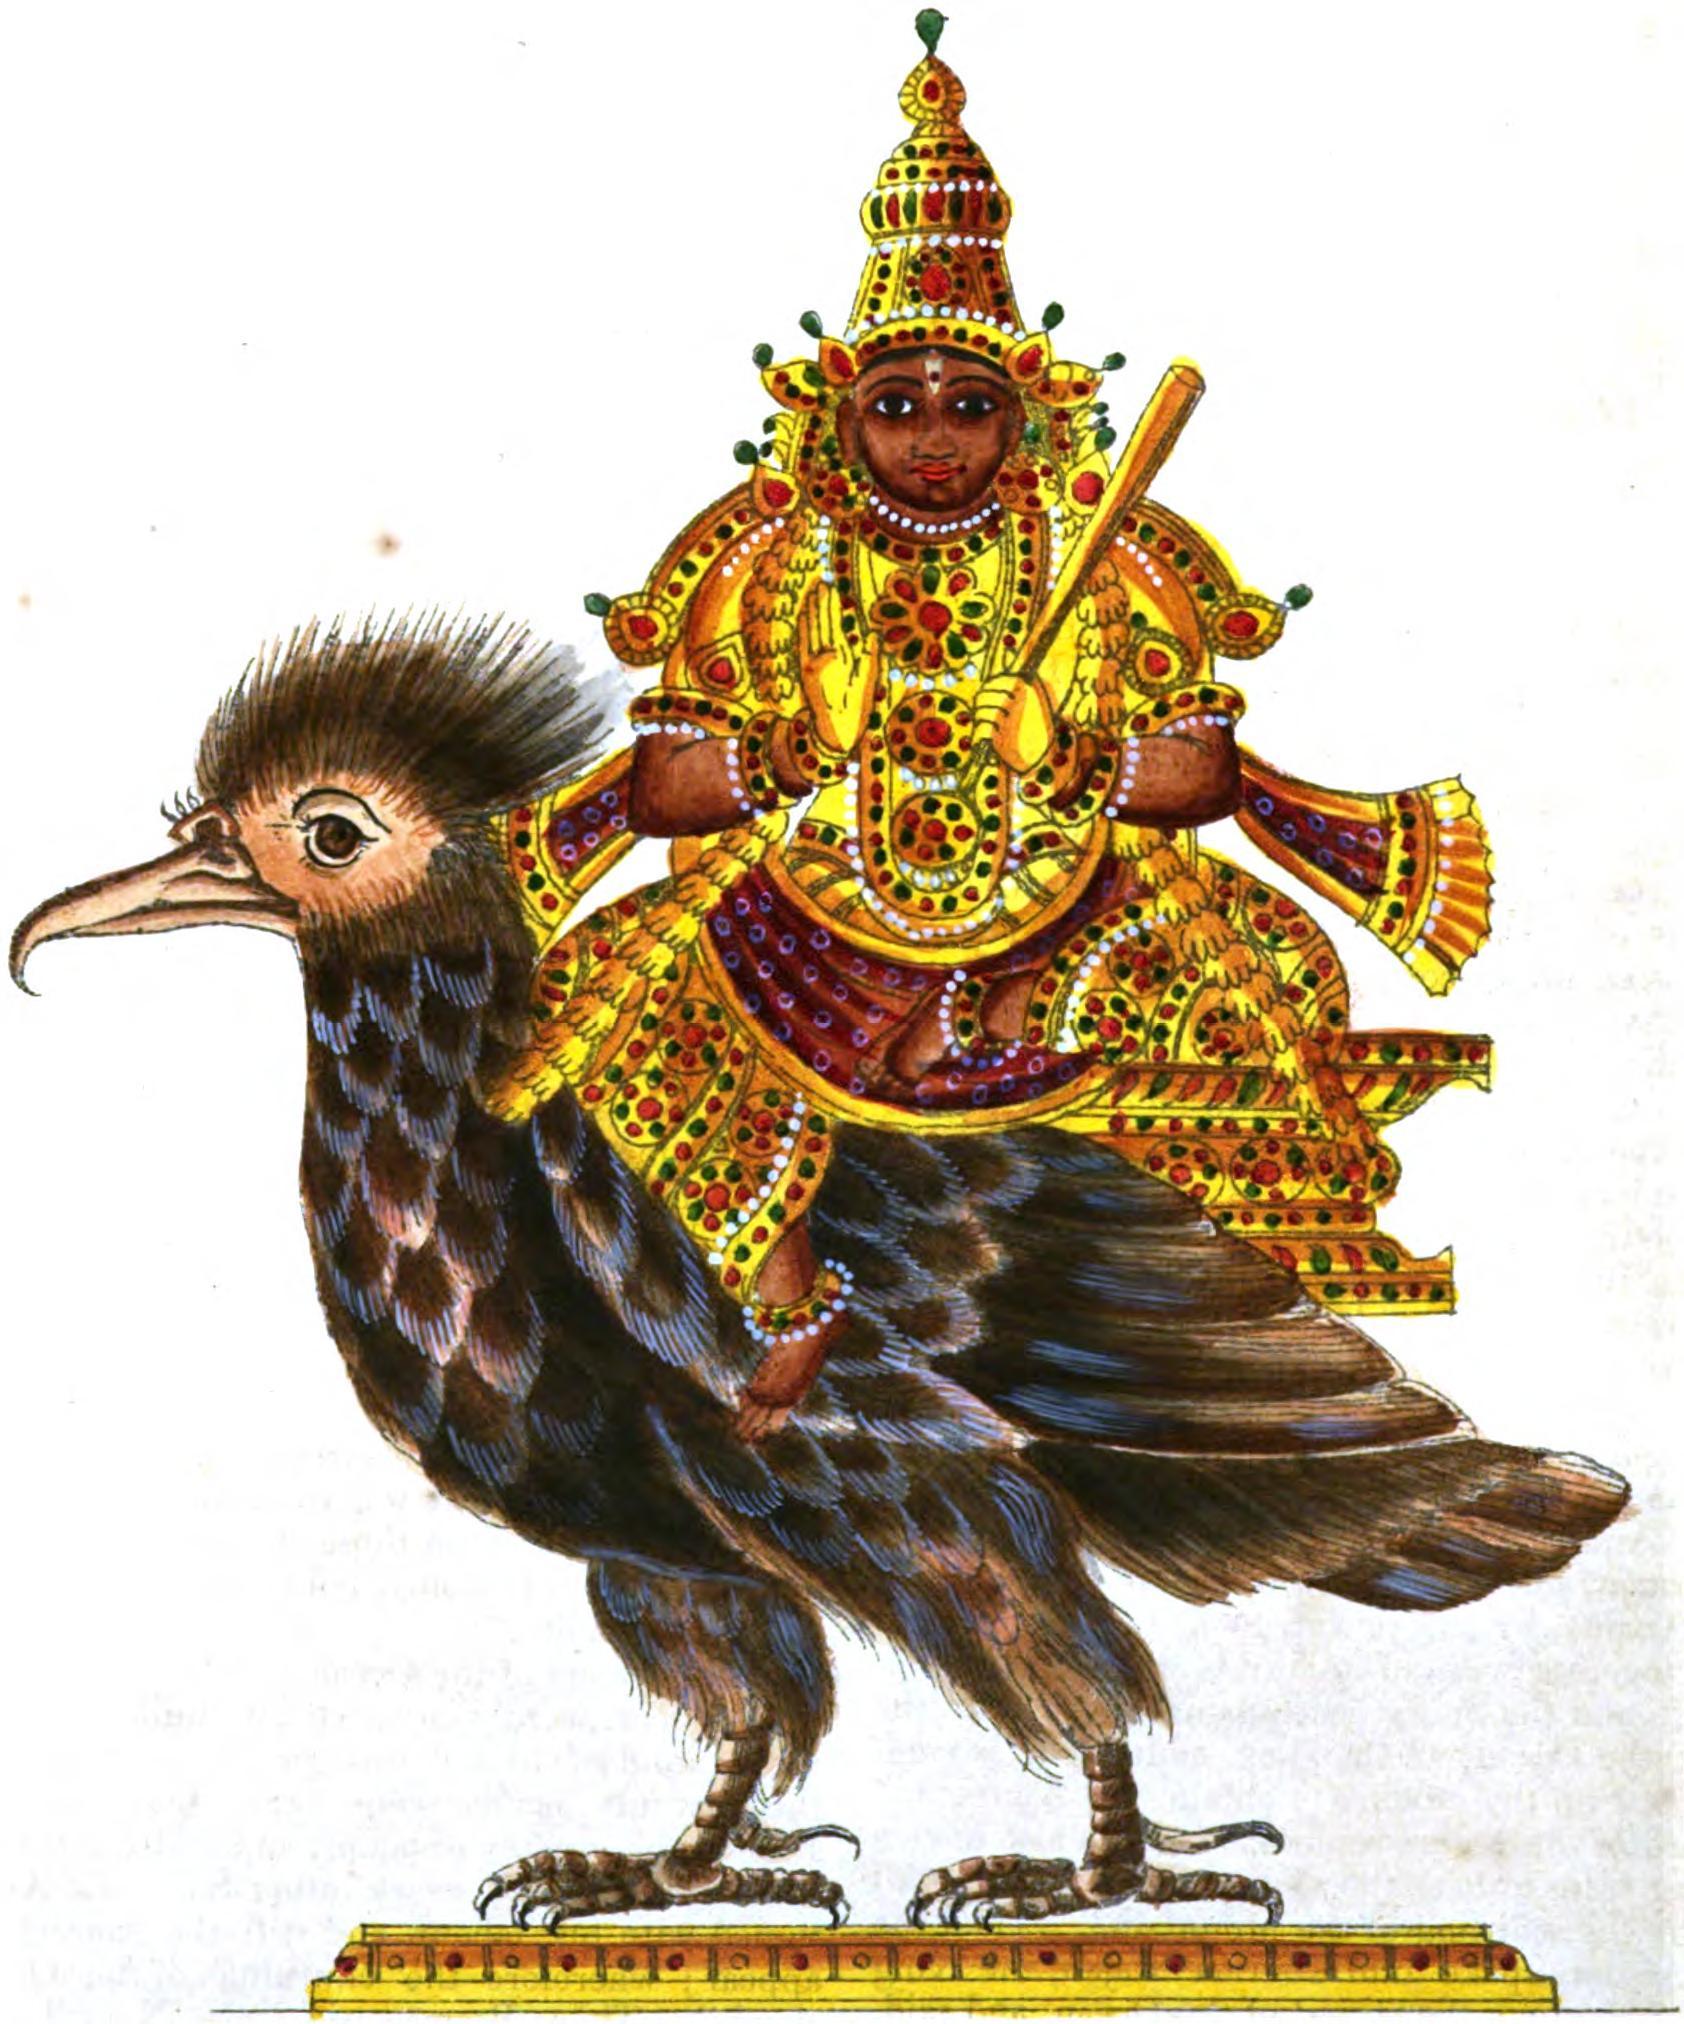 Ketu (mythology) - Wikipedia